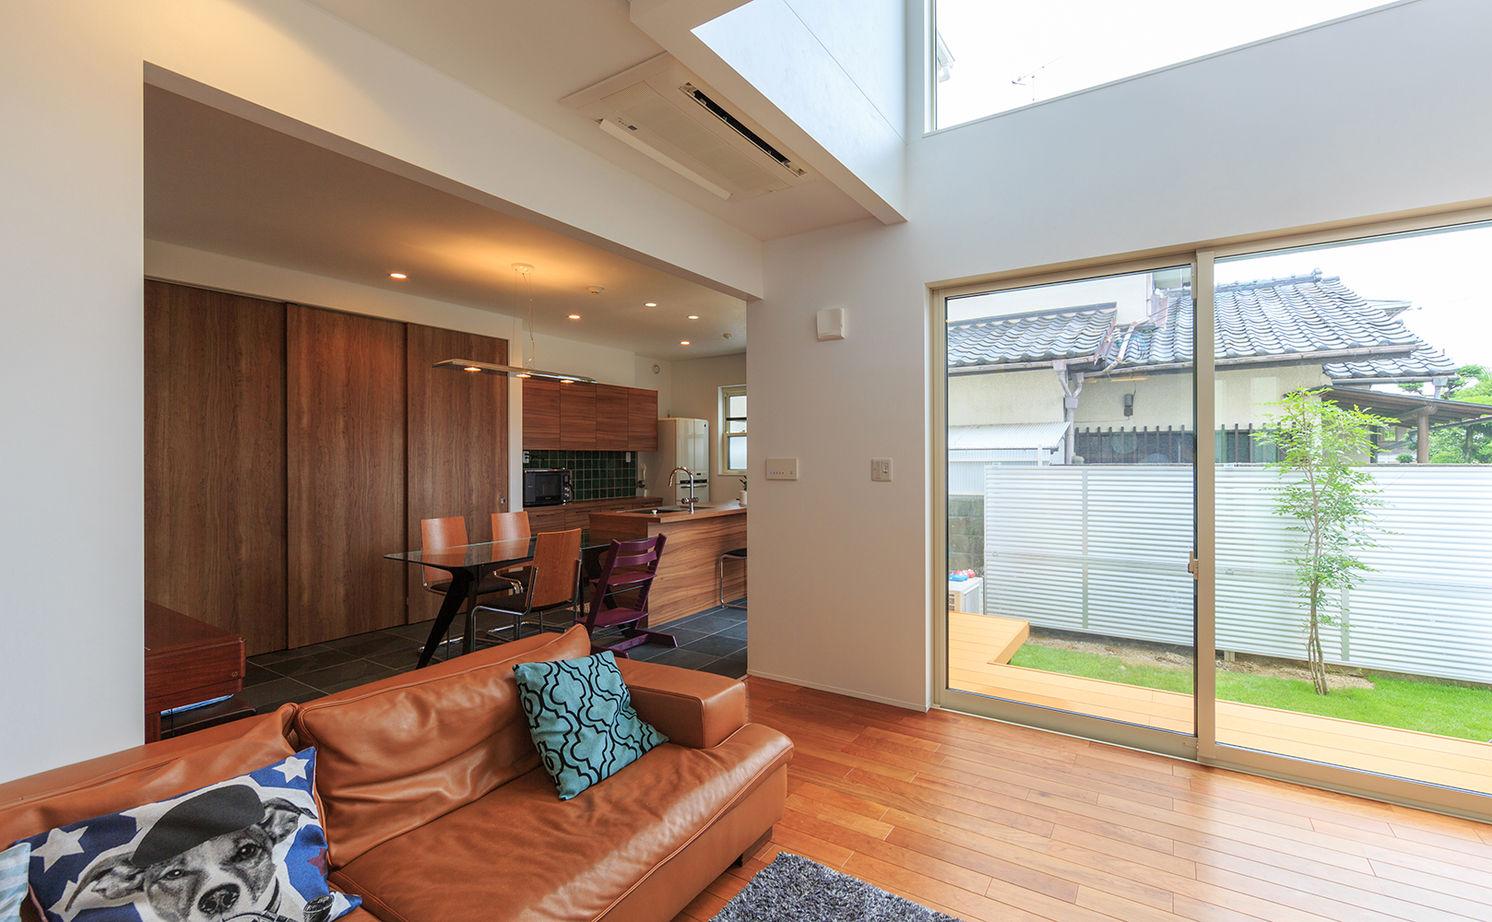 【2500~3000万円】彩り鮮やかで上品なインテリアで空間をデザイン。ガラス張りのインナーガレージのある家画像3